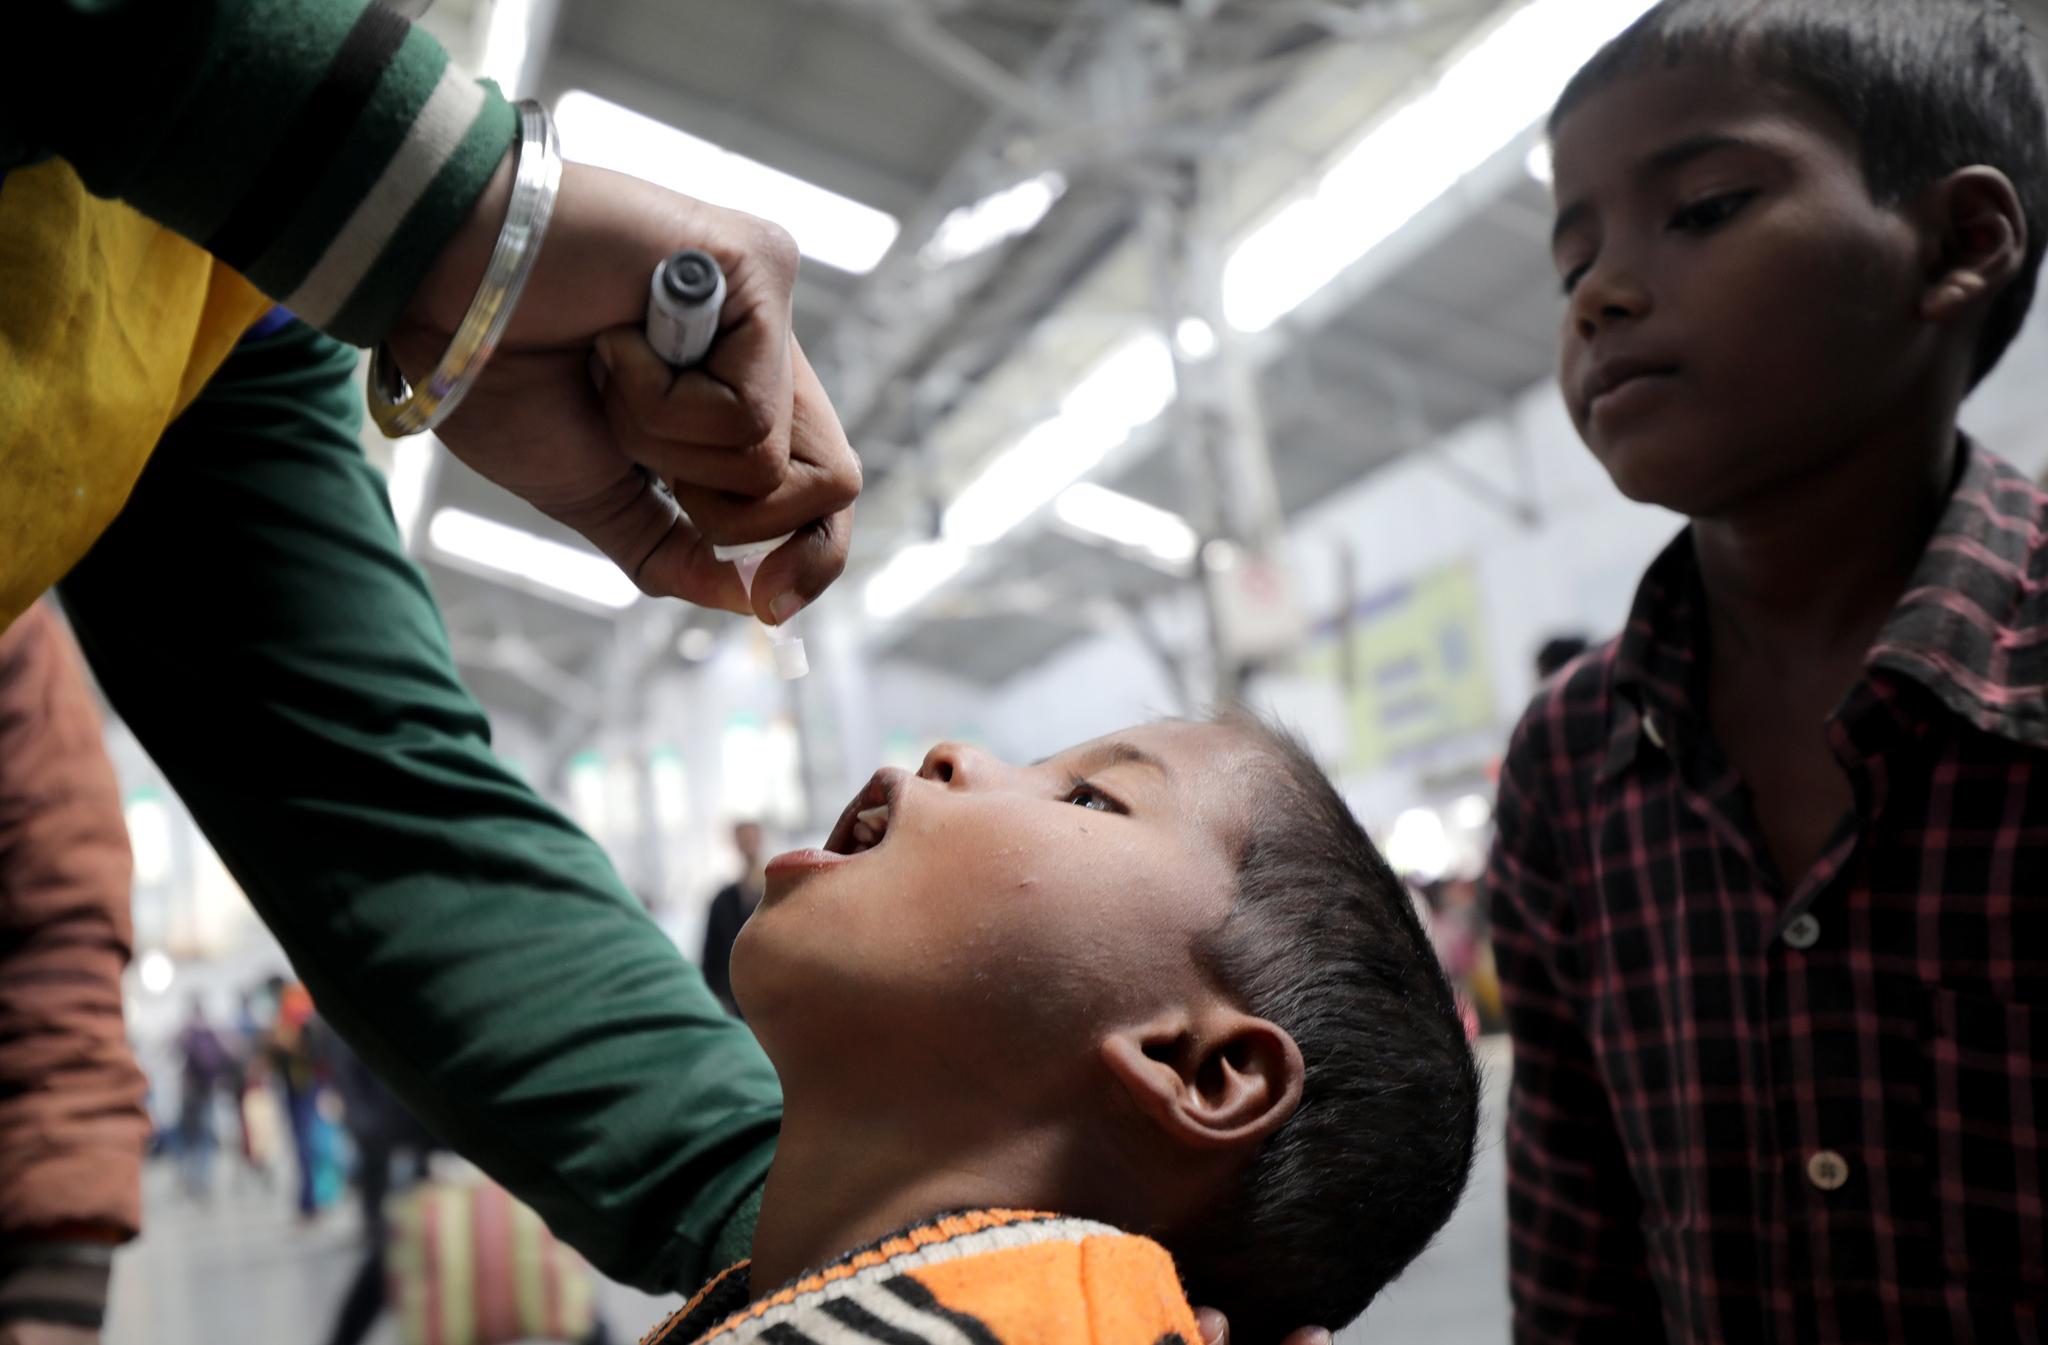 인도의 한 어린이가 경구용 소아마비 백신을 투여받고 있다. 이 사진은 기사내용과 직접적인 관련 없음. EPA=연합뉴스